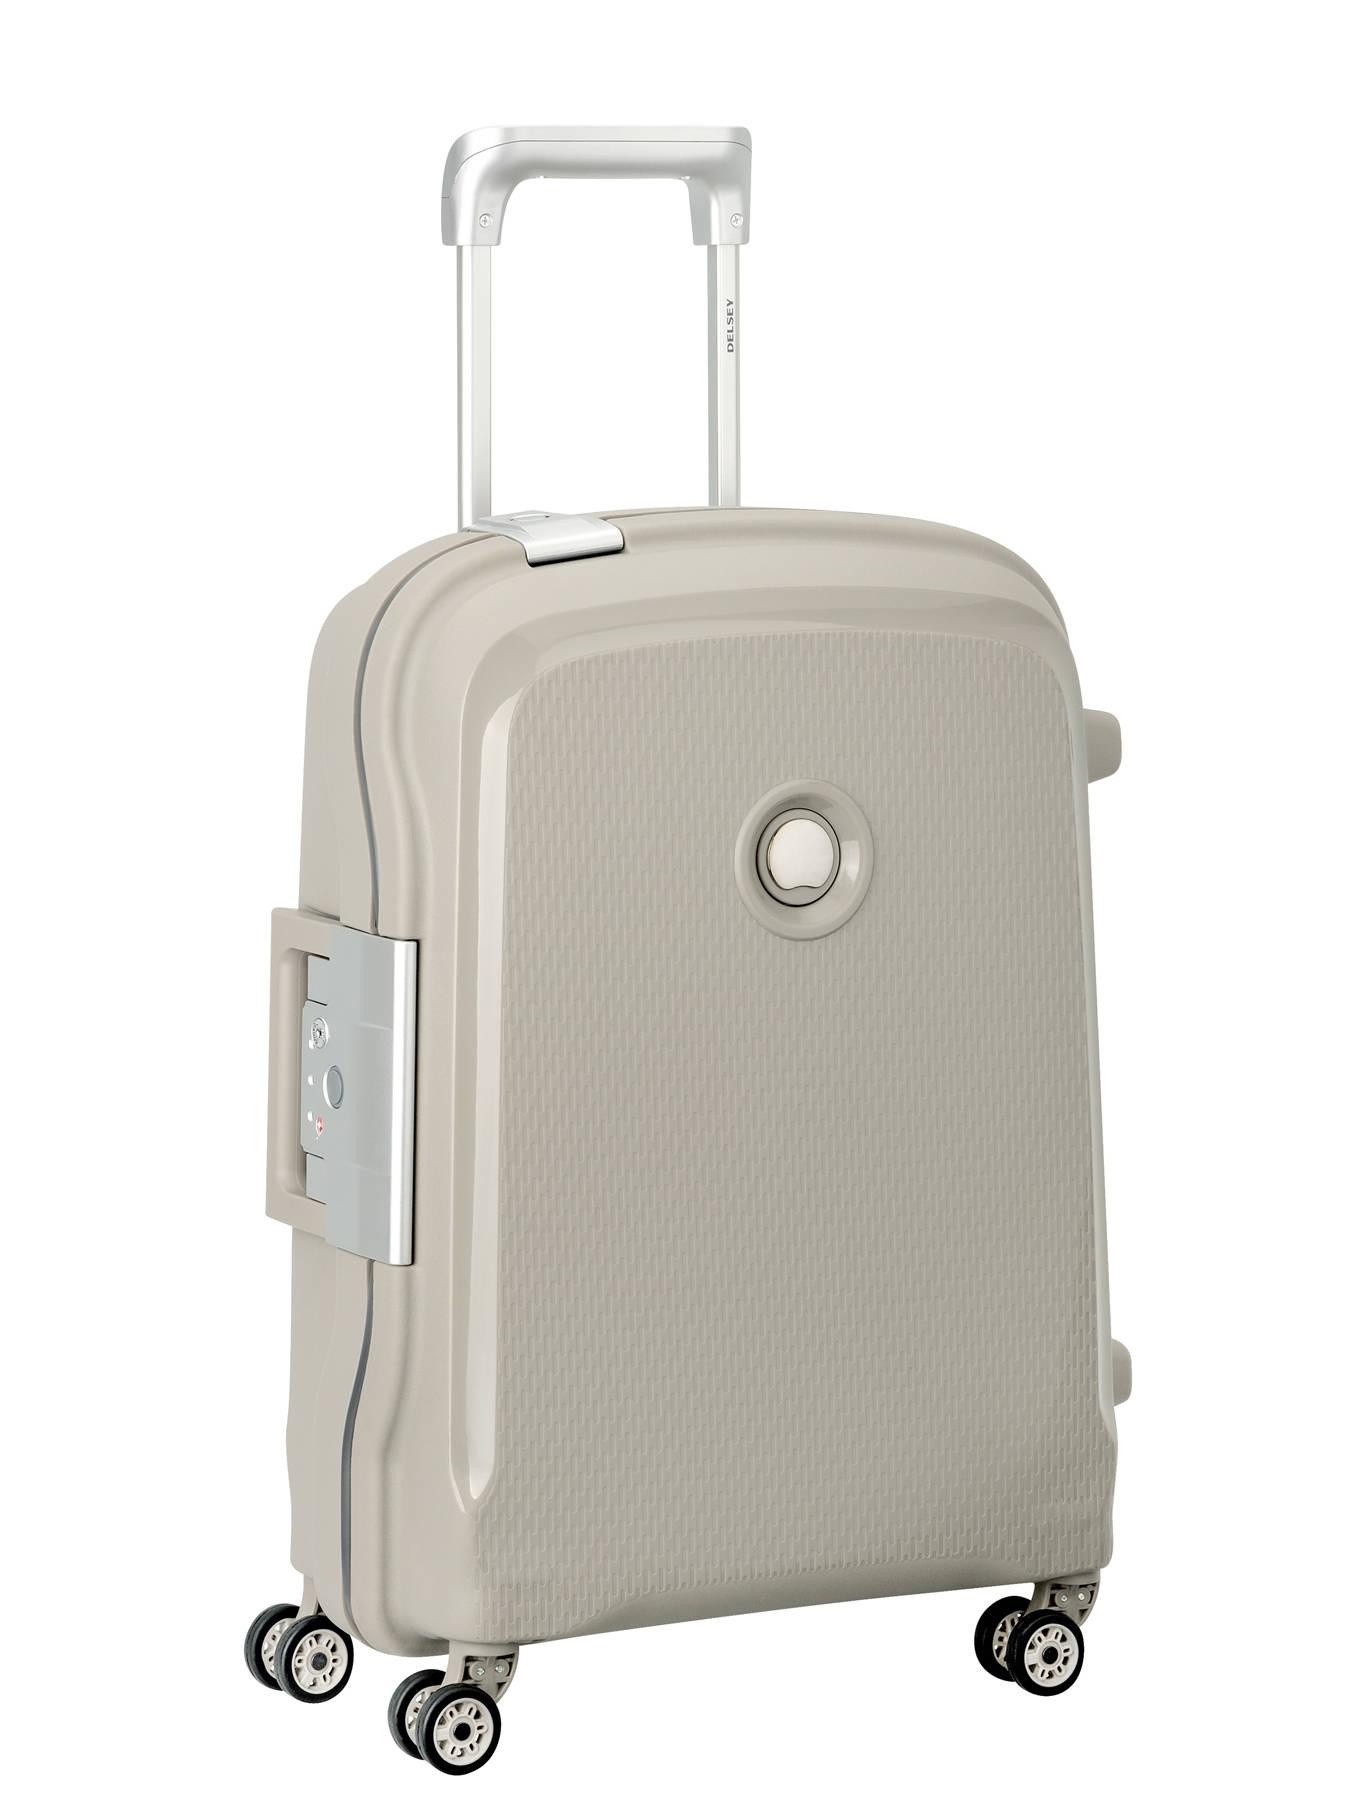 valise cabine delsey belfort ivoire en vente au meilleur prix. Black Bedroom Furniture Sets. Home Design Ideas